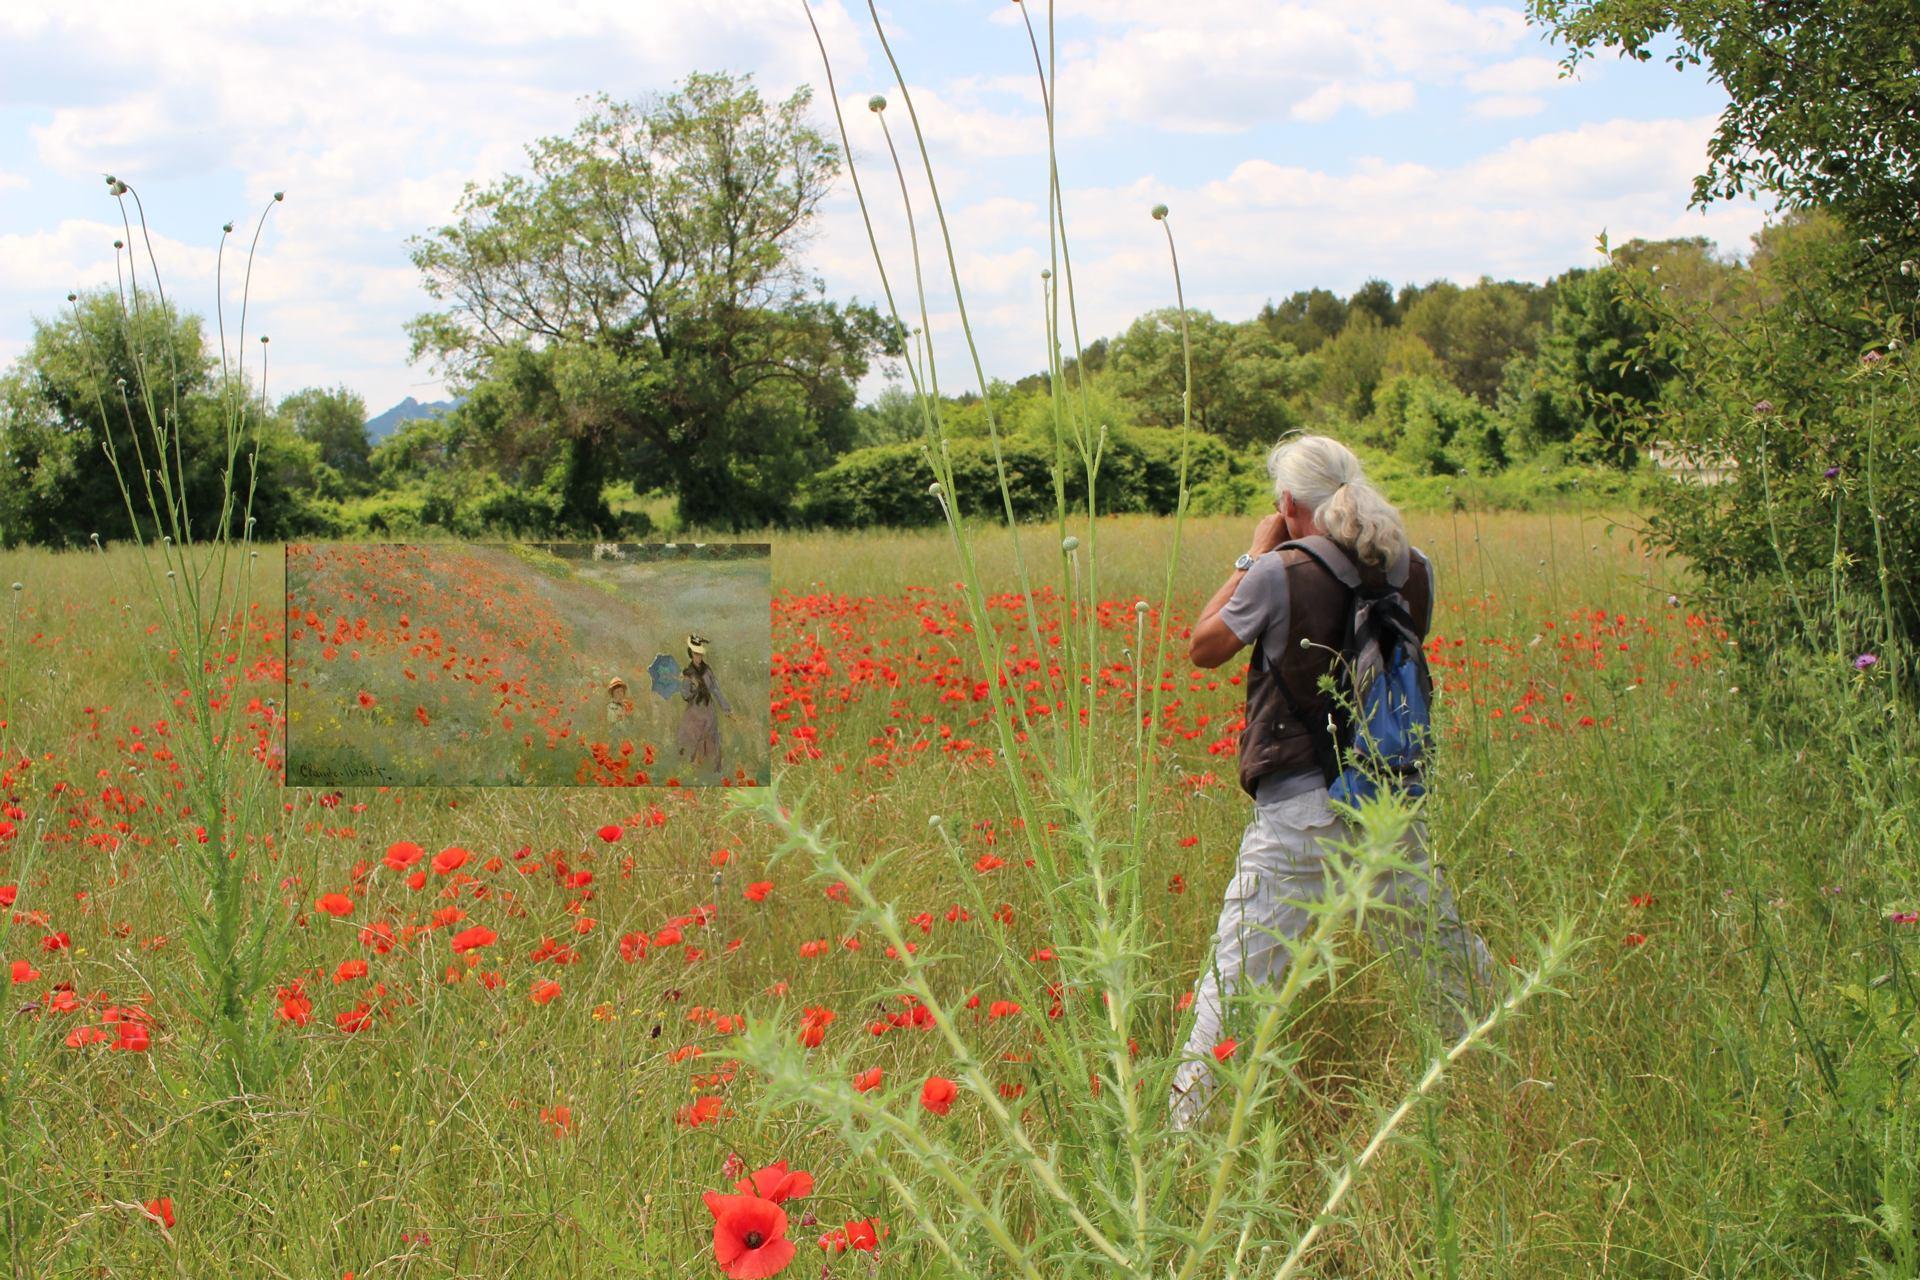 Le photographe entré dans le tableau de Monet pour rencontrer sa promeneuse